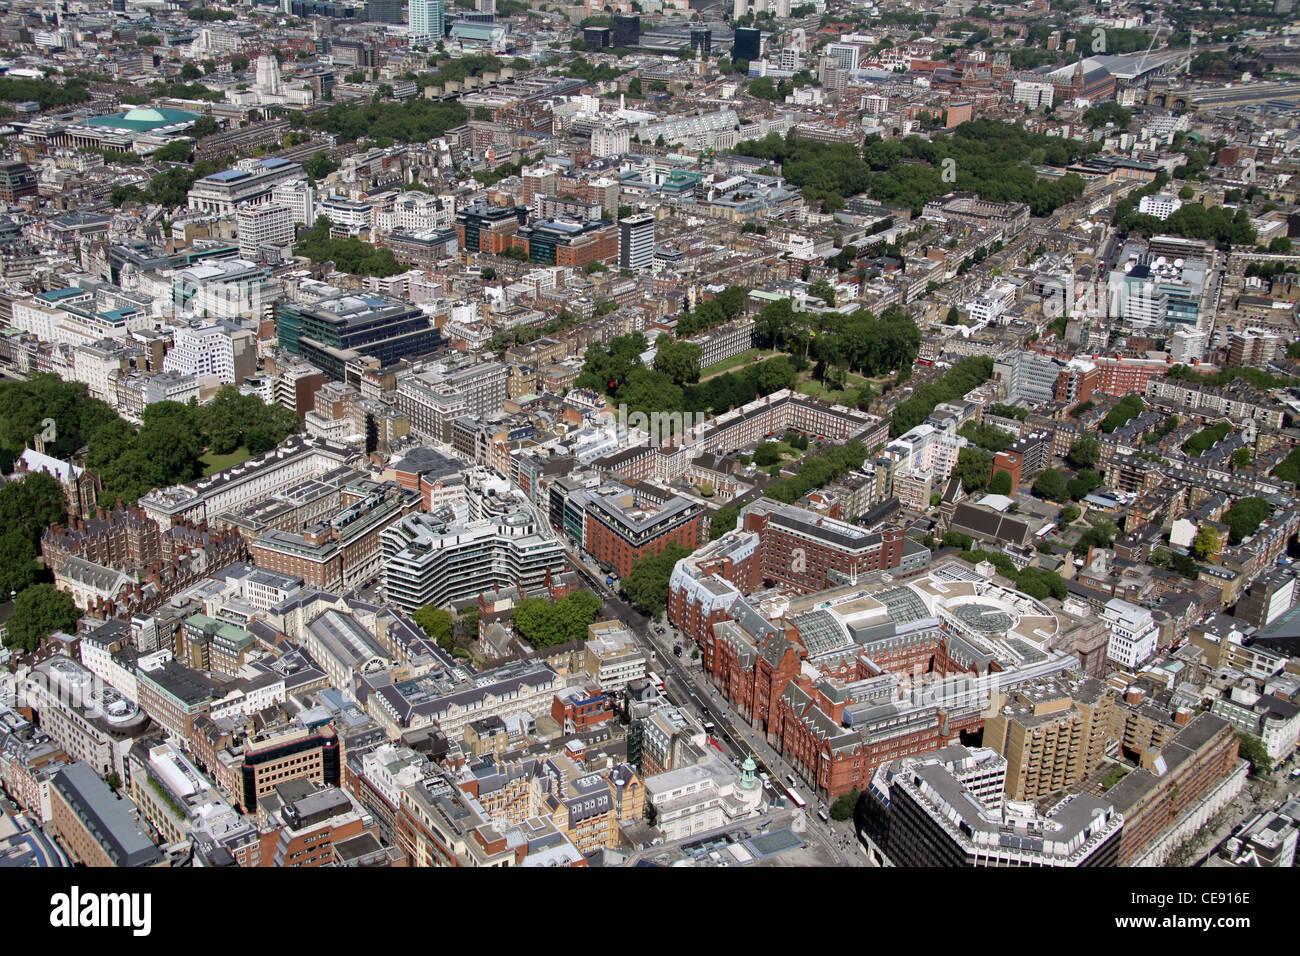 Aerial image of Gray's Inn, Holborn, London EC1 - Stock Image